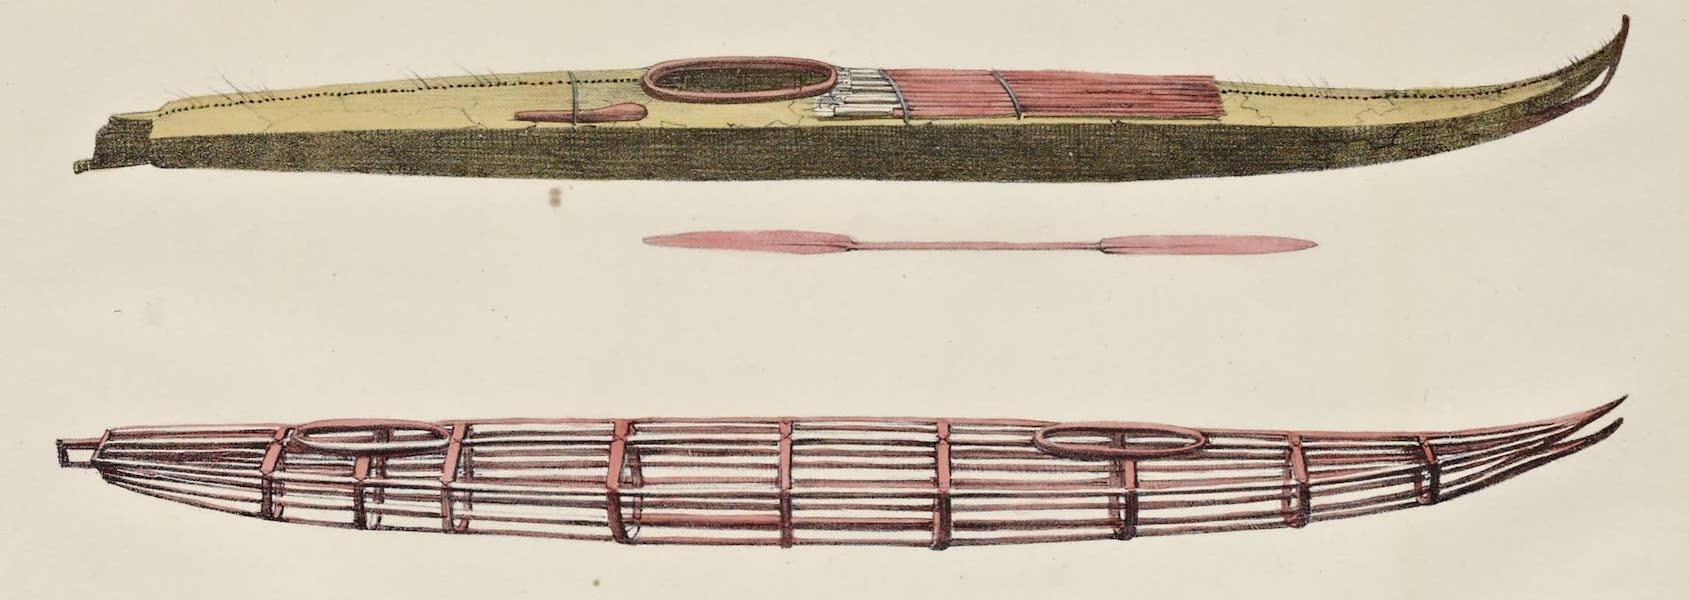 Voyage Pittoresque Autour de Monde - Bateaux des isles Aleoutiennes (1822)